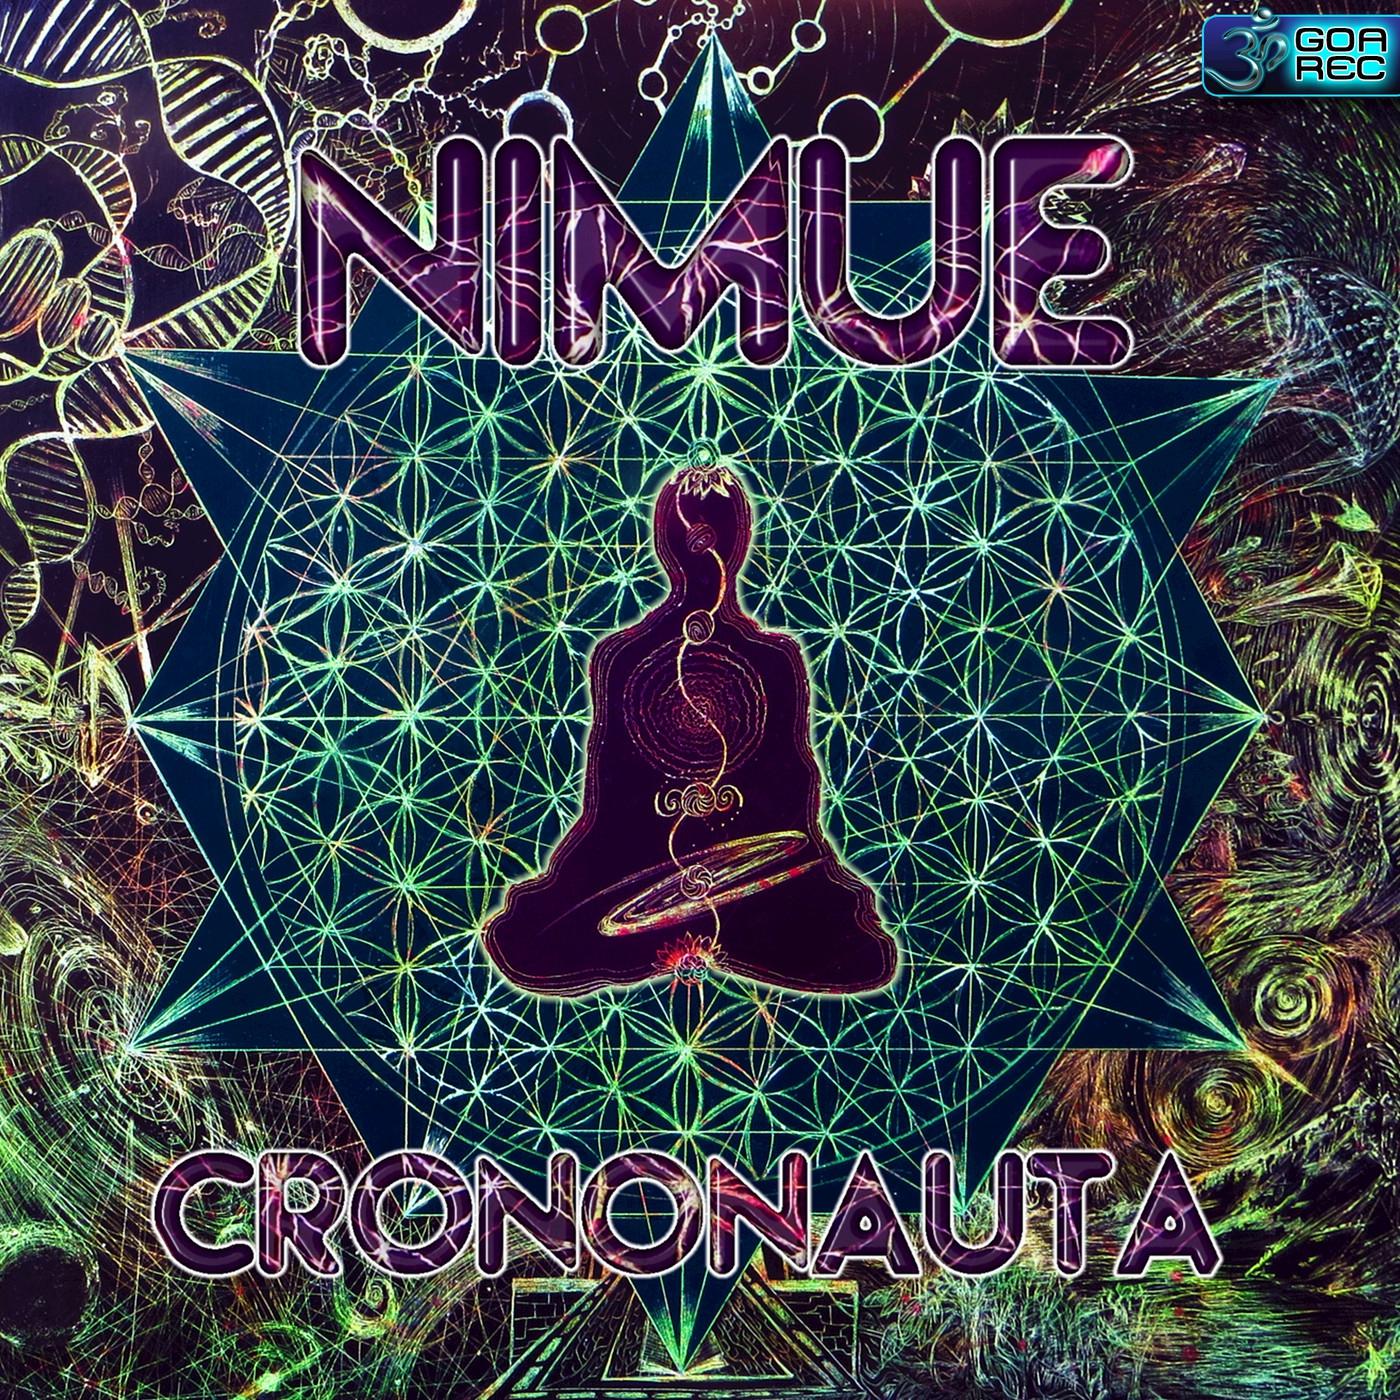 Nimue - Crononauta (Original mix)